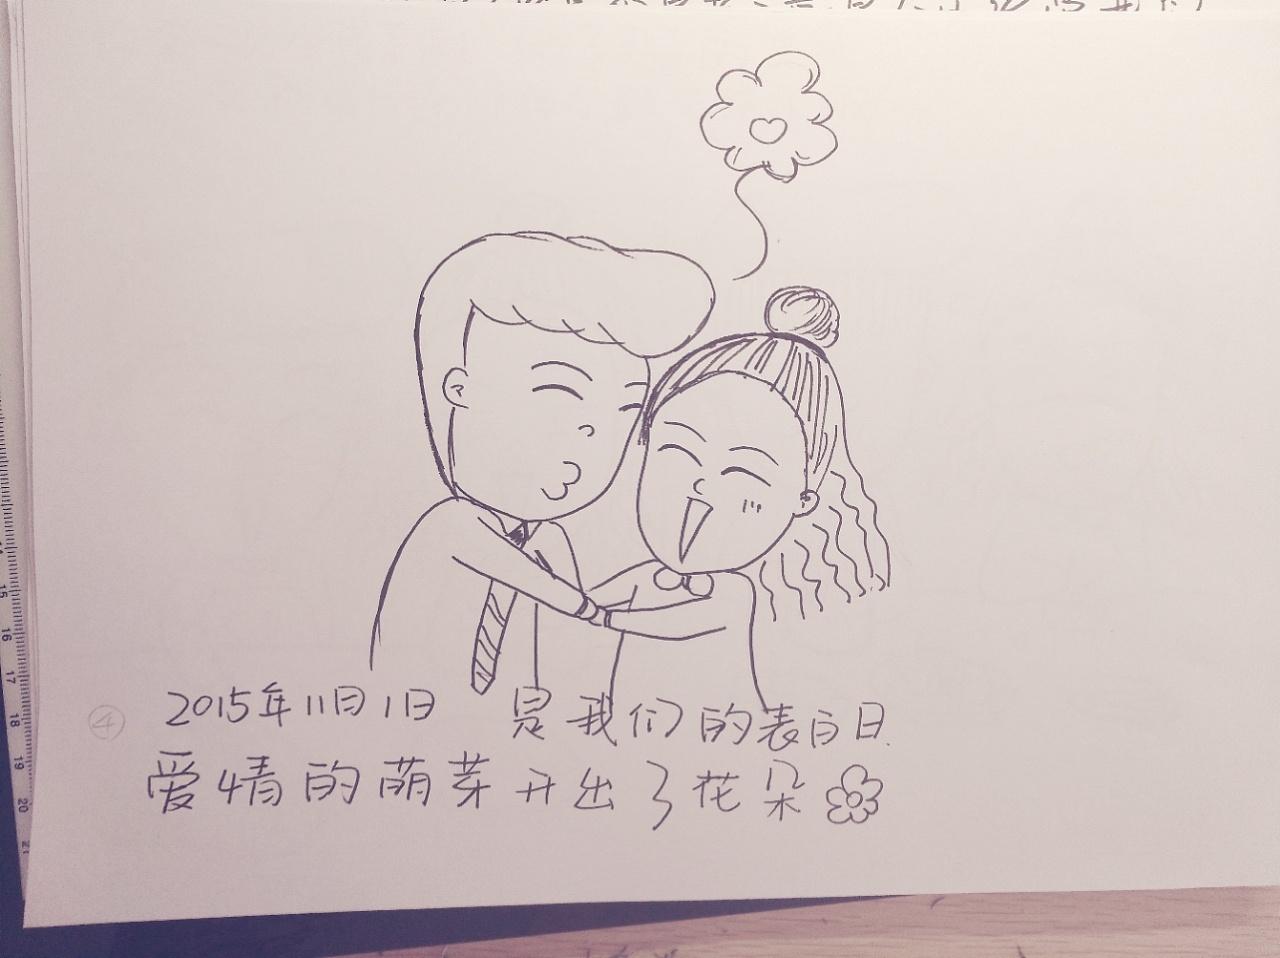 手绘爱情故事